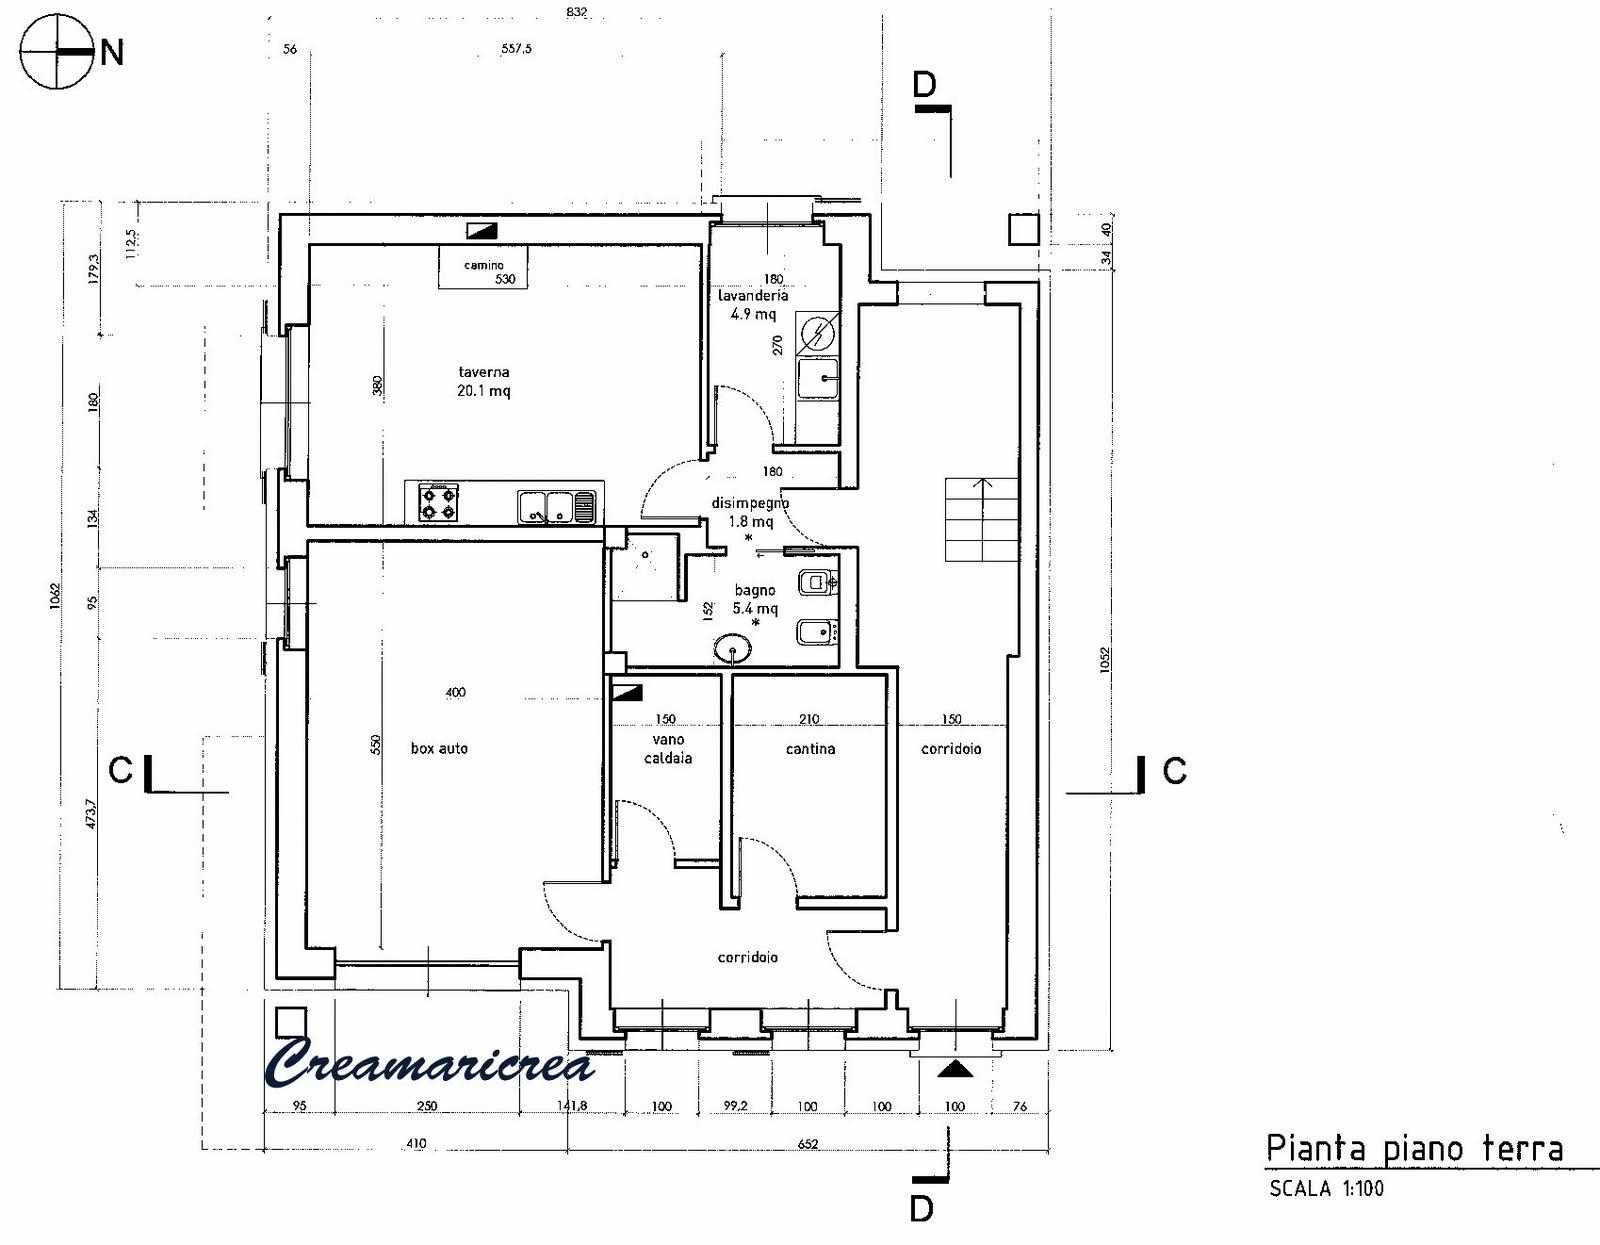 Creamaricrea la mia casa progetto le planimetrie for Grandi planimetrie per le case